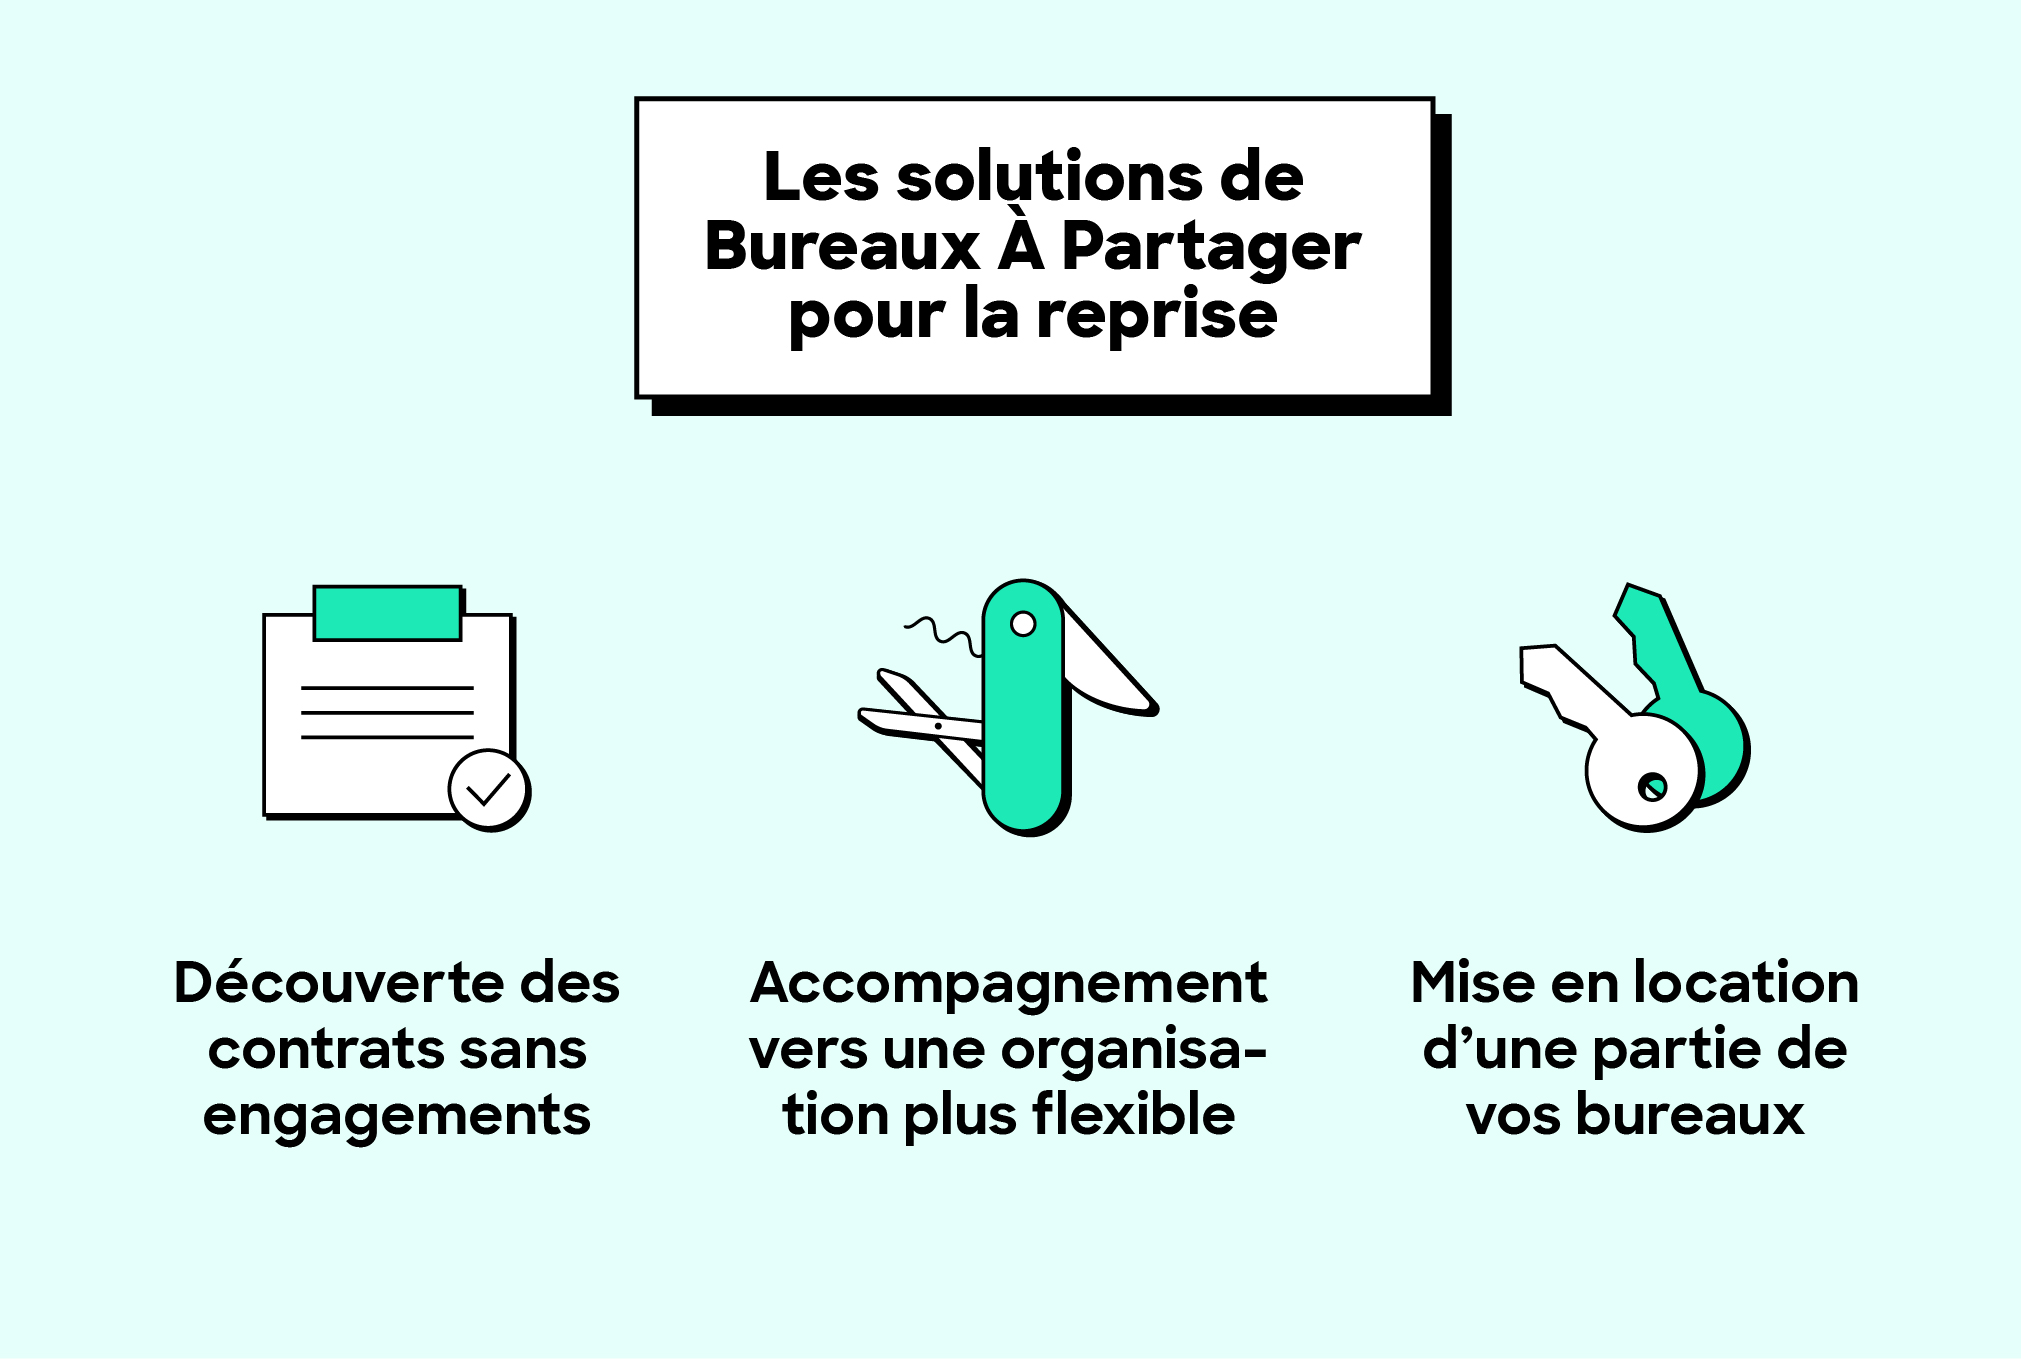 Les solutions Bureaux A Partager pour faire des économies pour la reprise